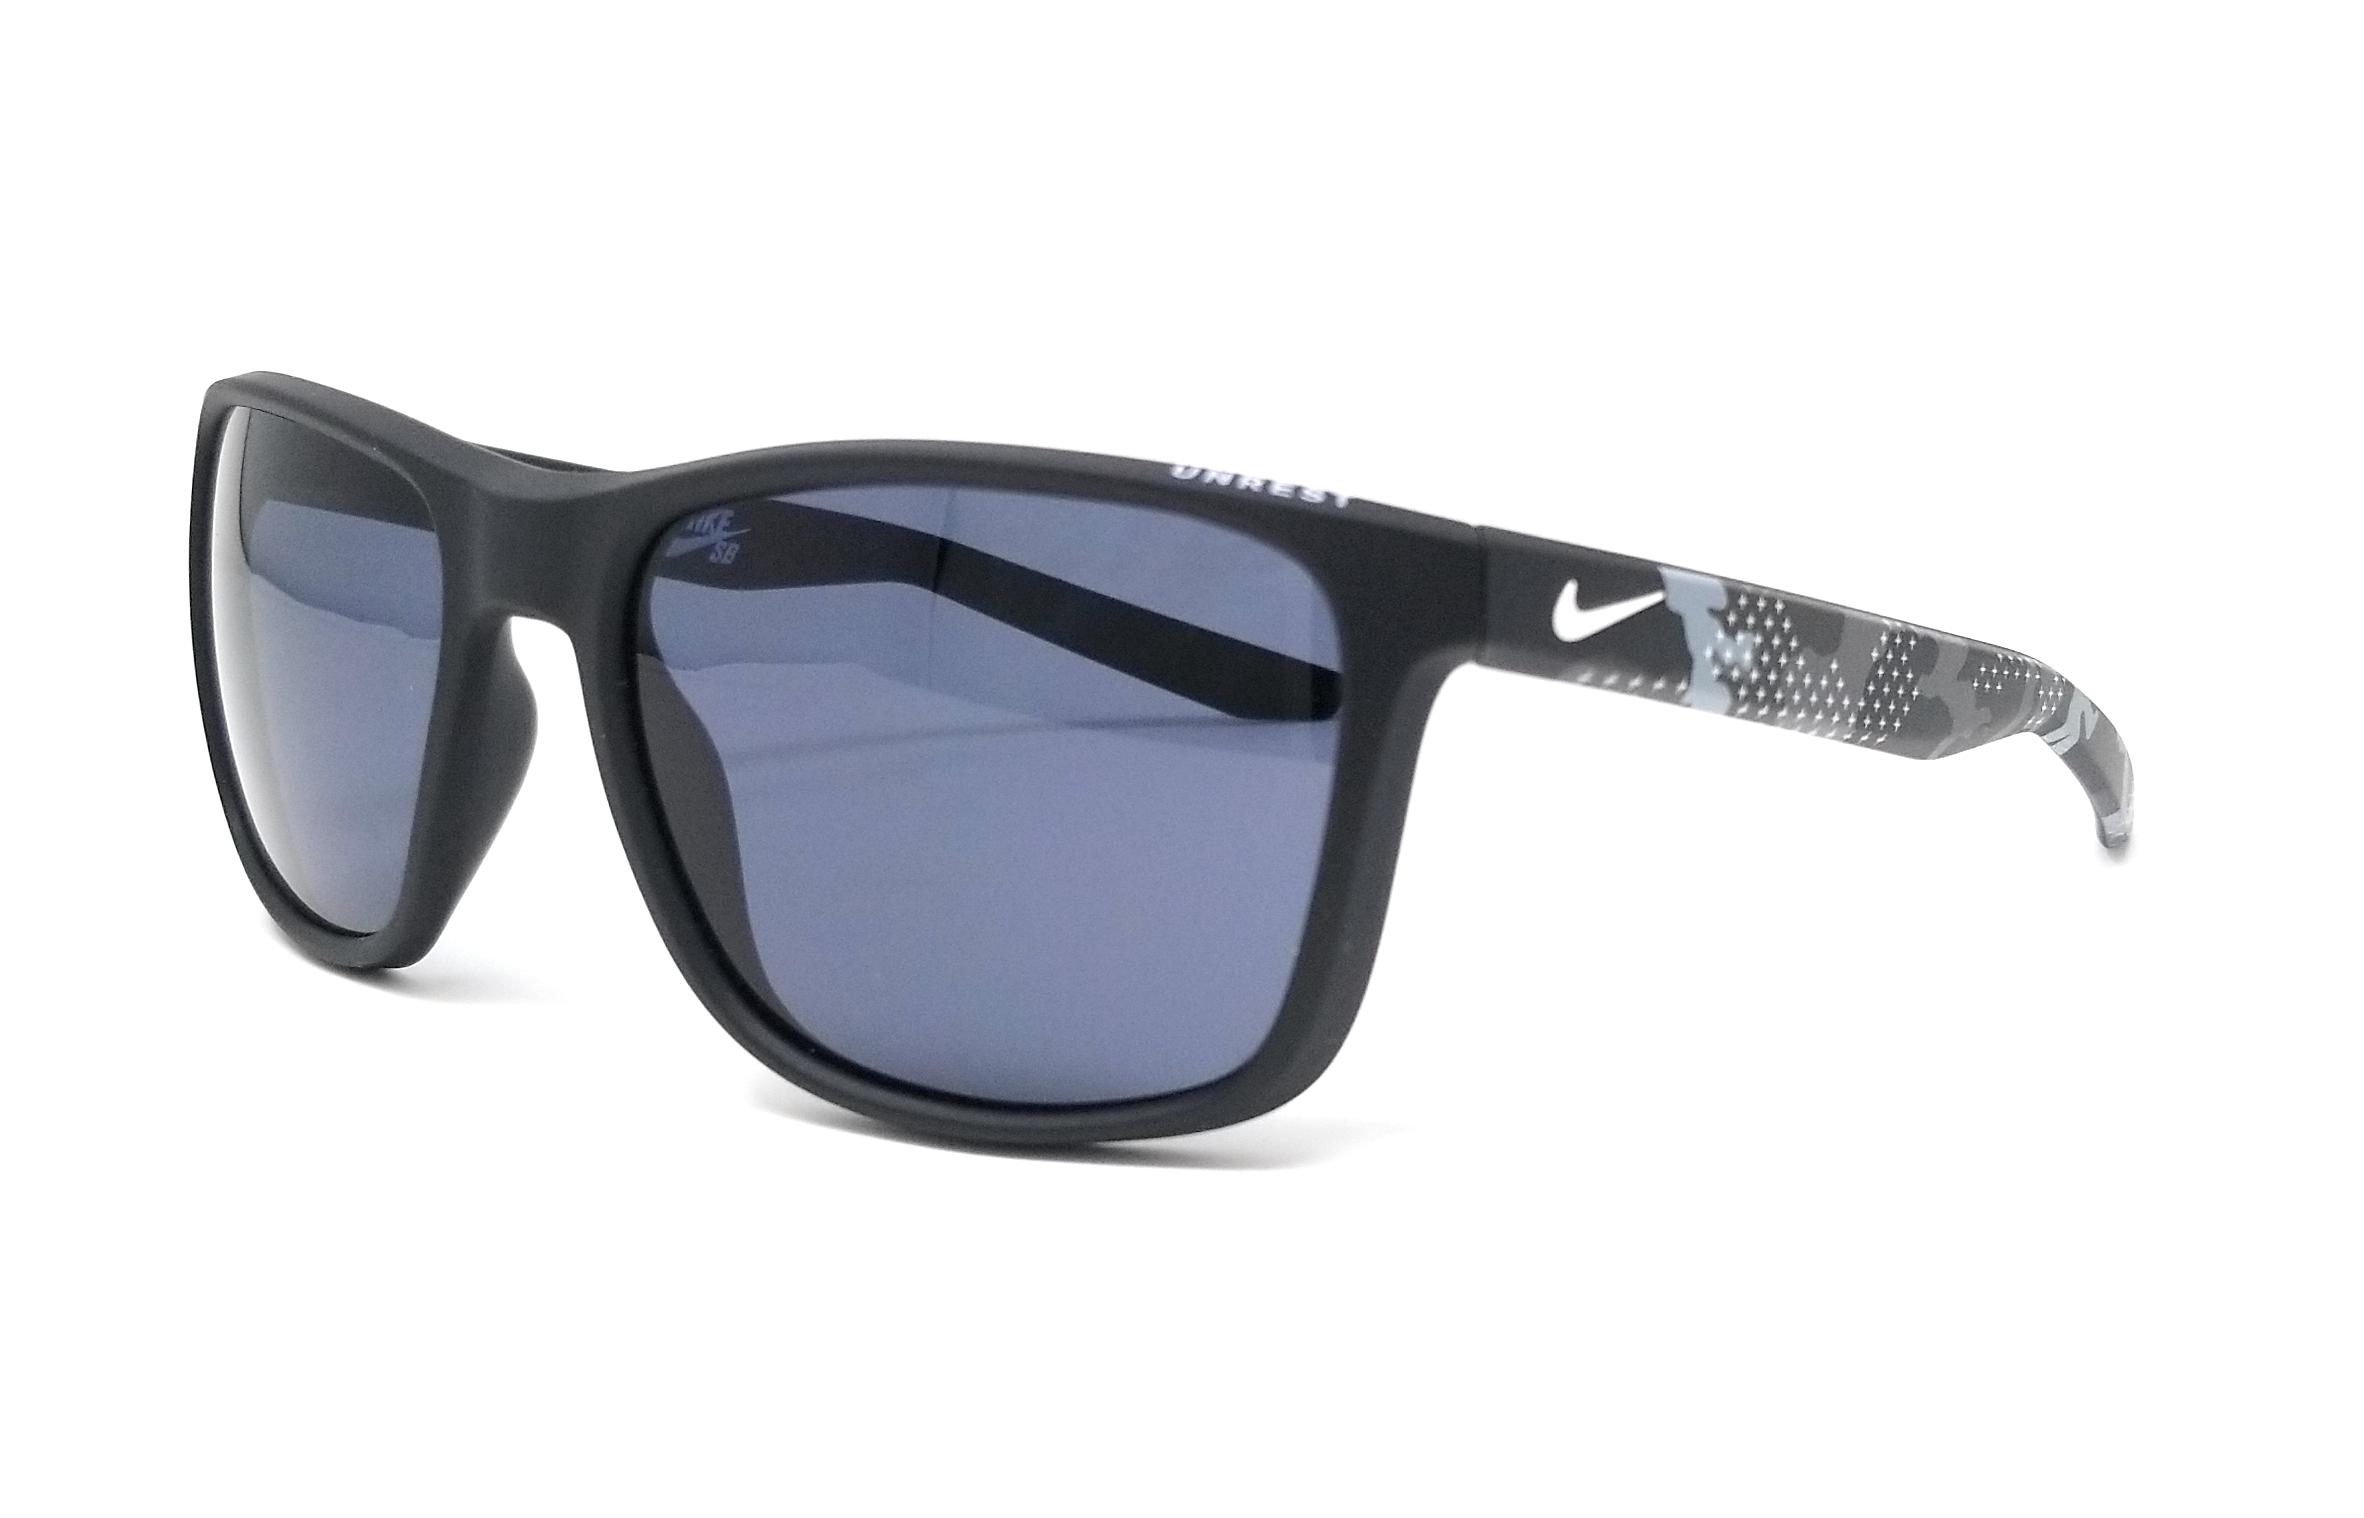 d897be99ad9 Details about NIKE Sunglasses UNREST EV0922 SE 001 Matte Black-Camo  Rectangle 57x19x145